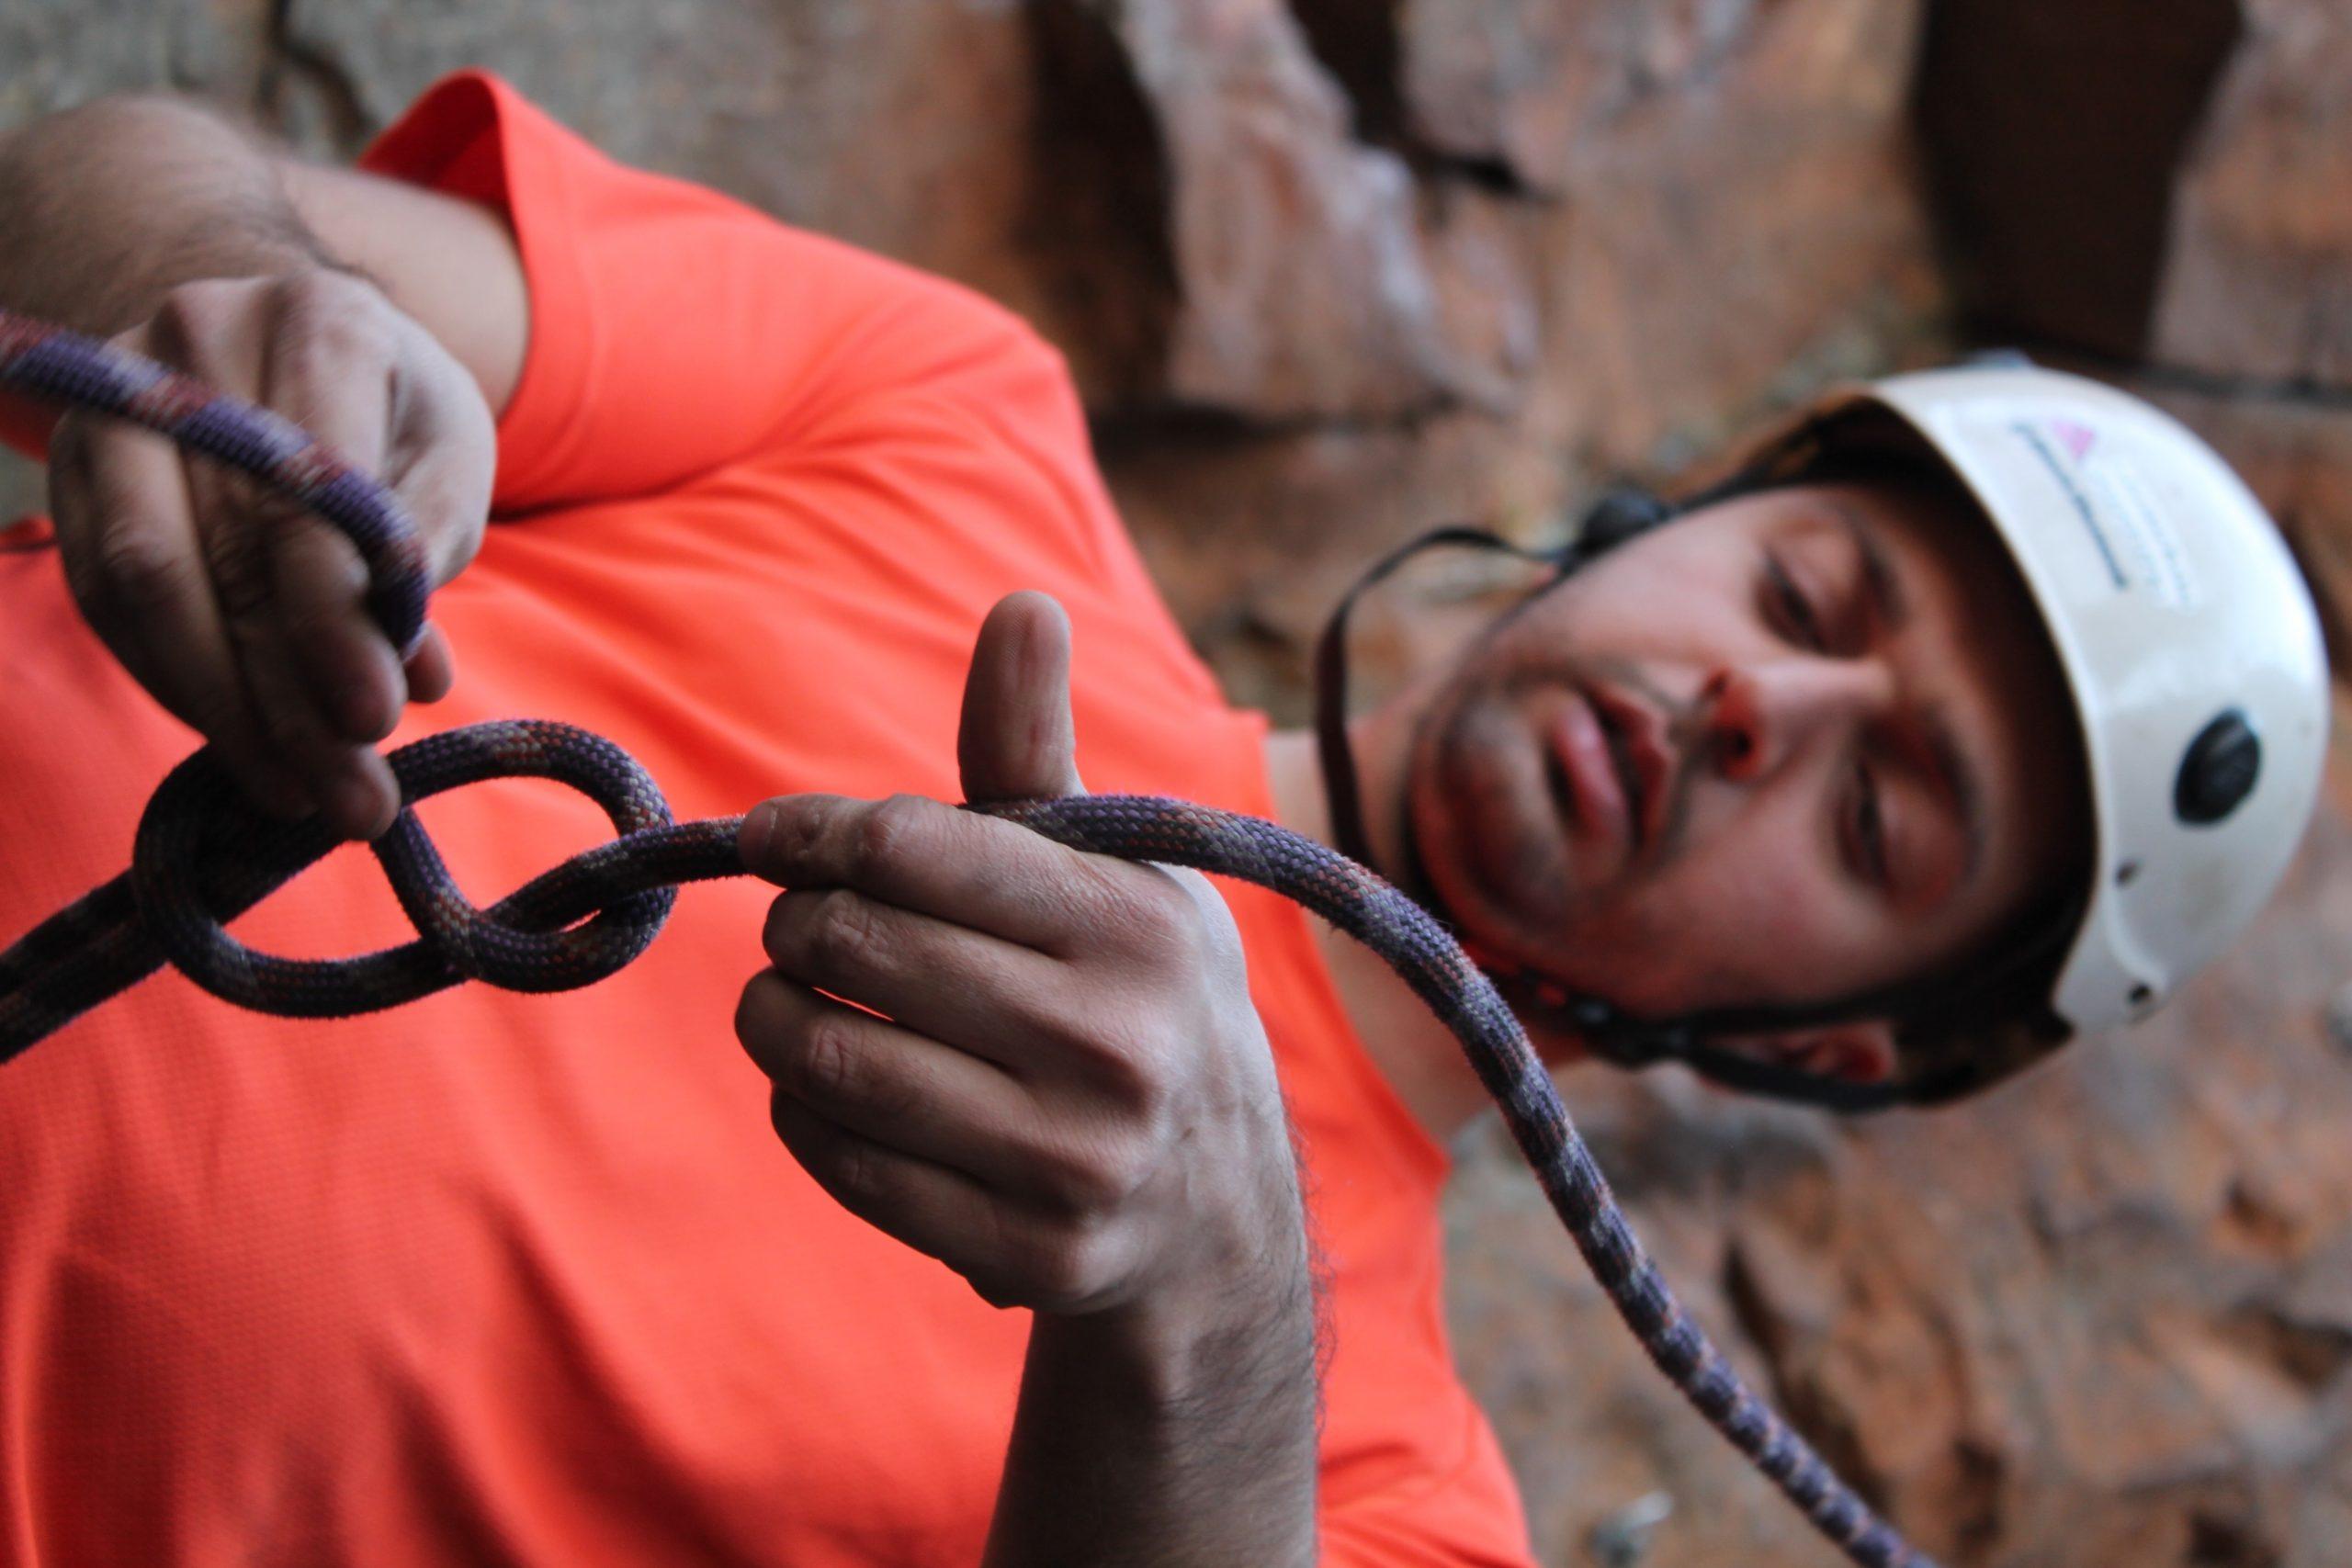 Tying a figure 8